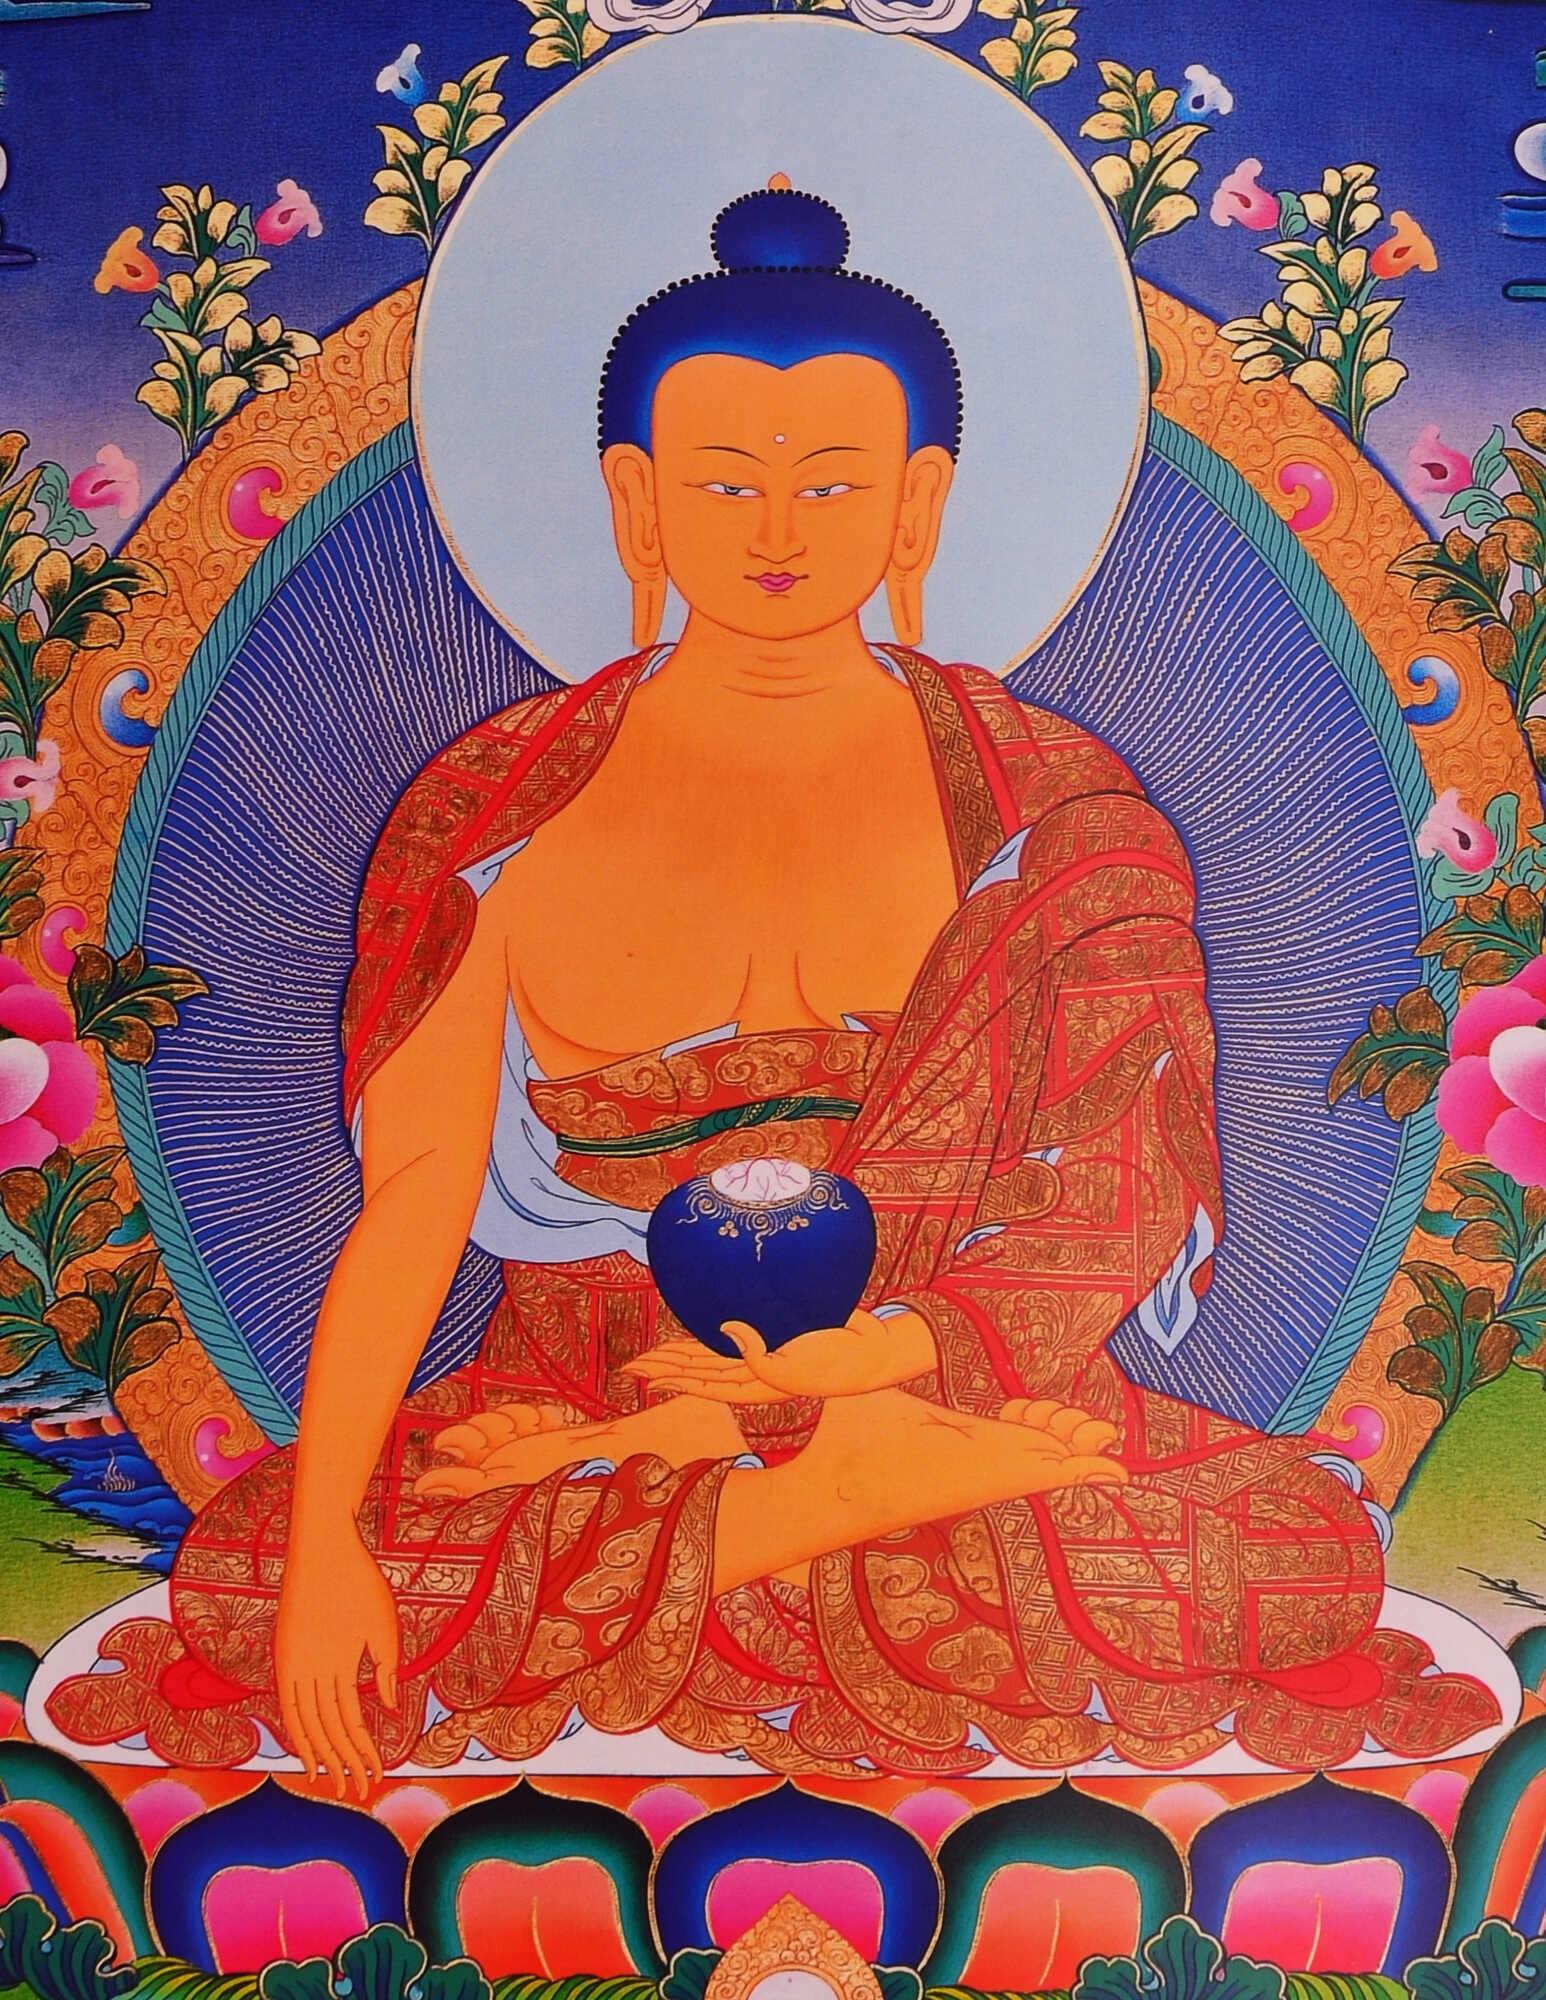 Thangka Shakyamuni Buddha Gautama Repro Kunstdruck im tibetischen ...